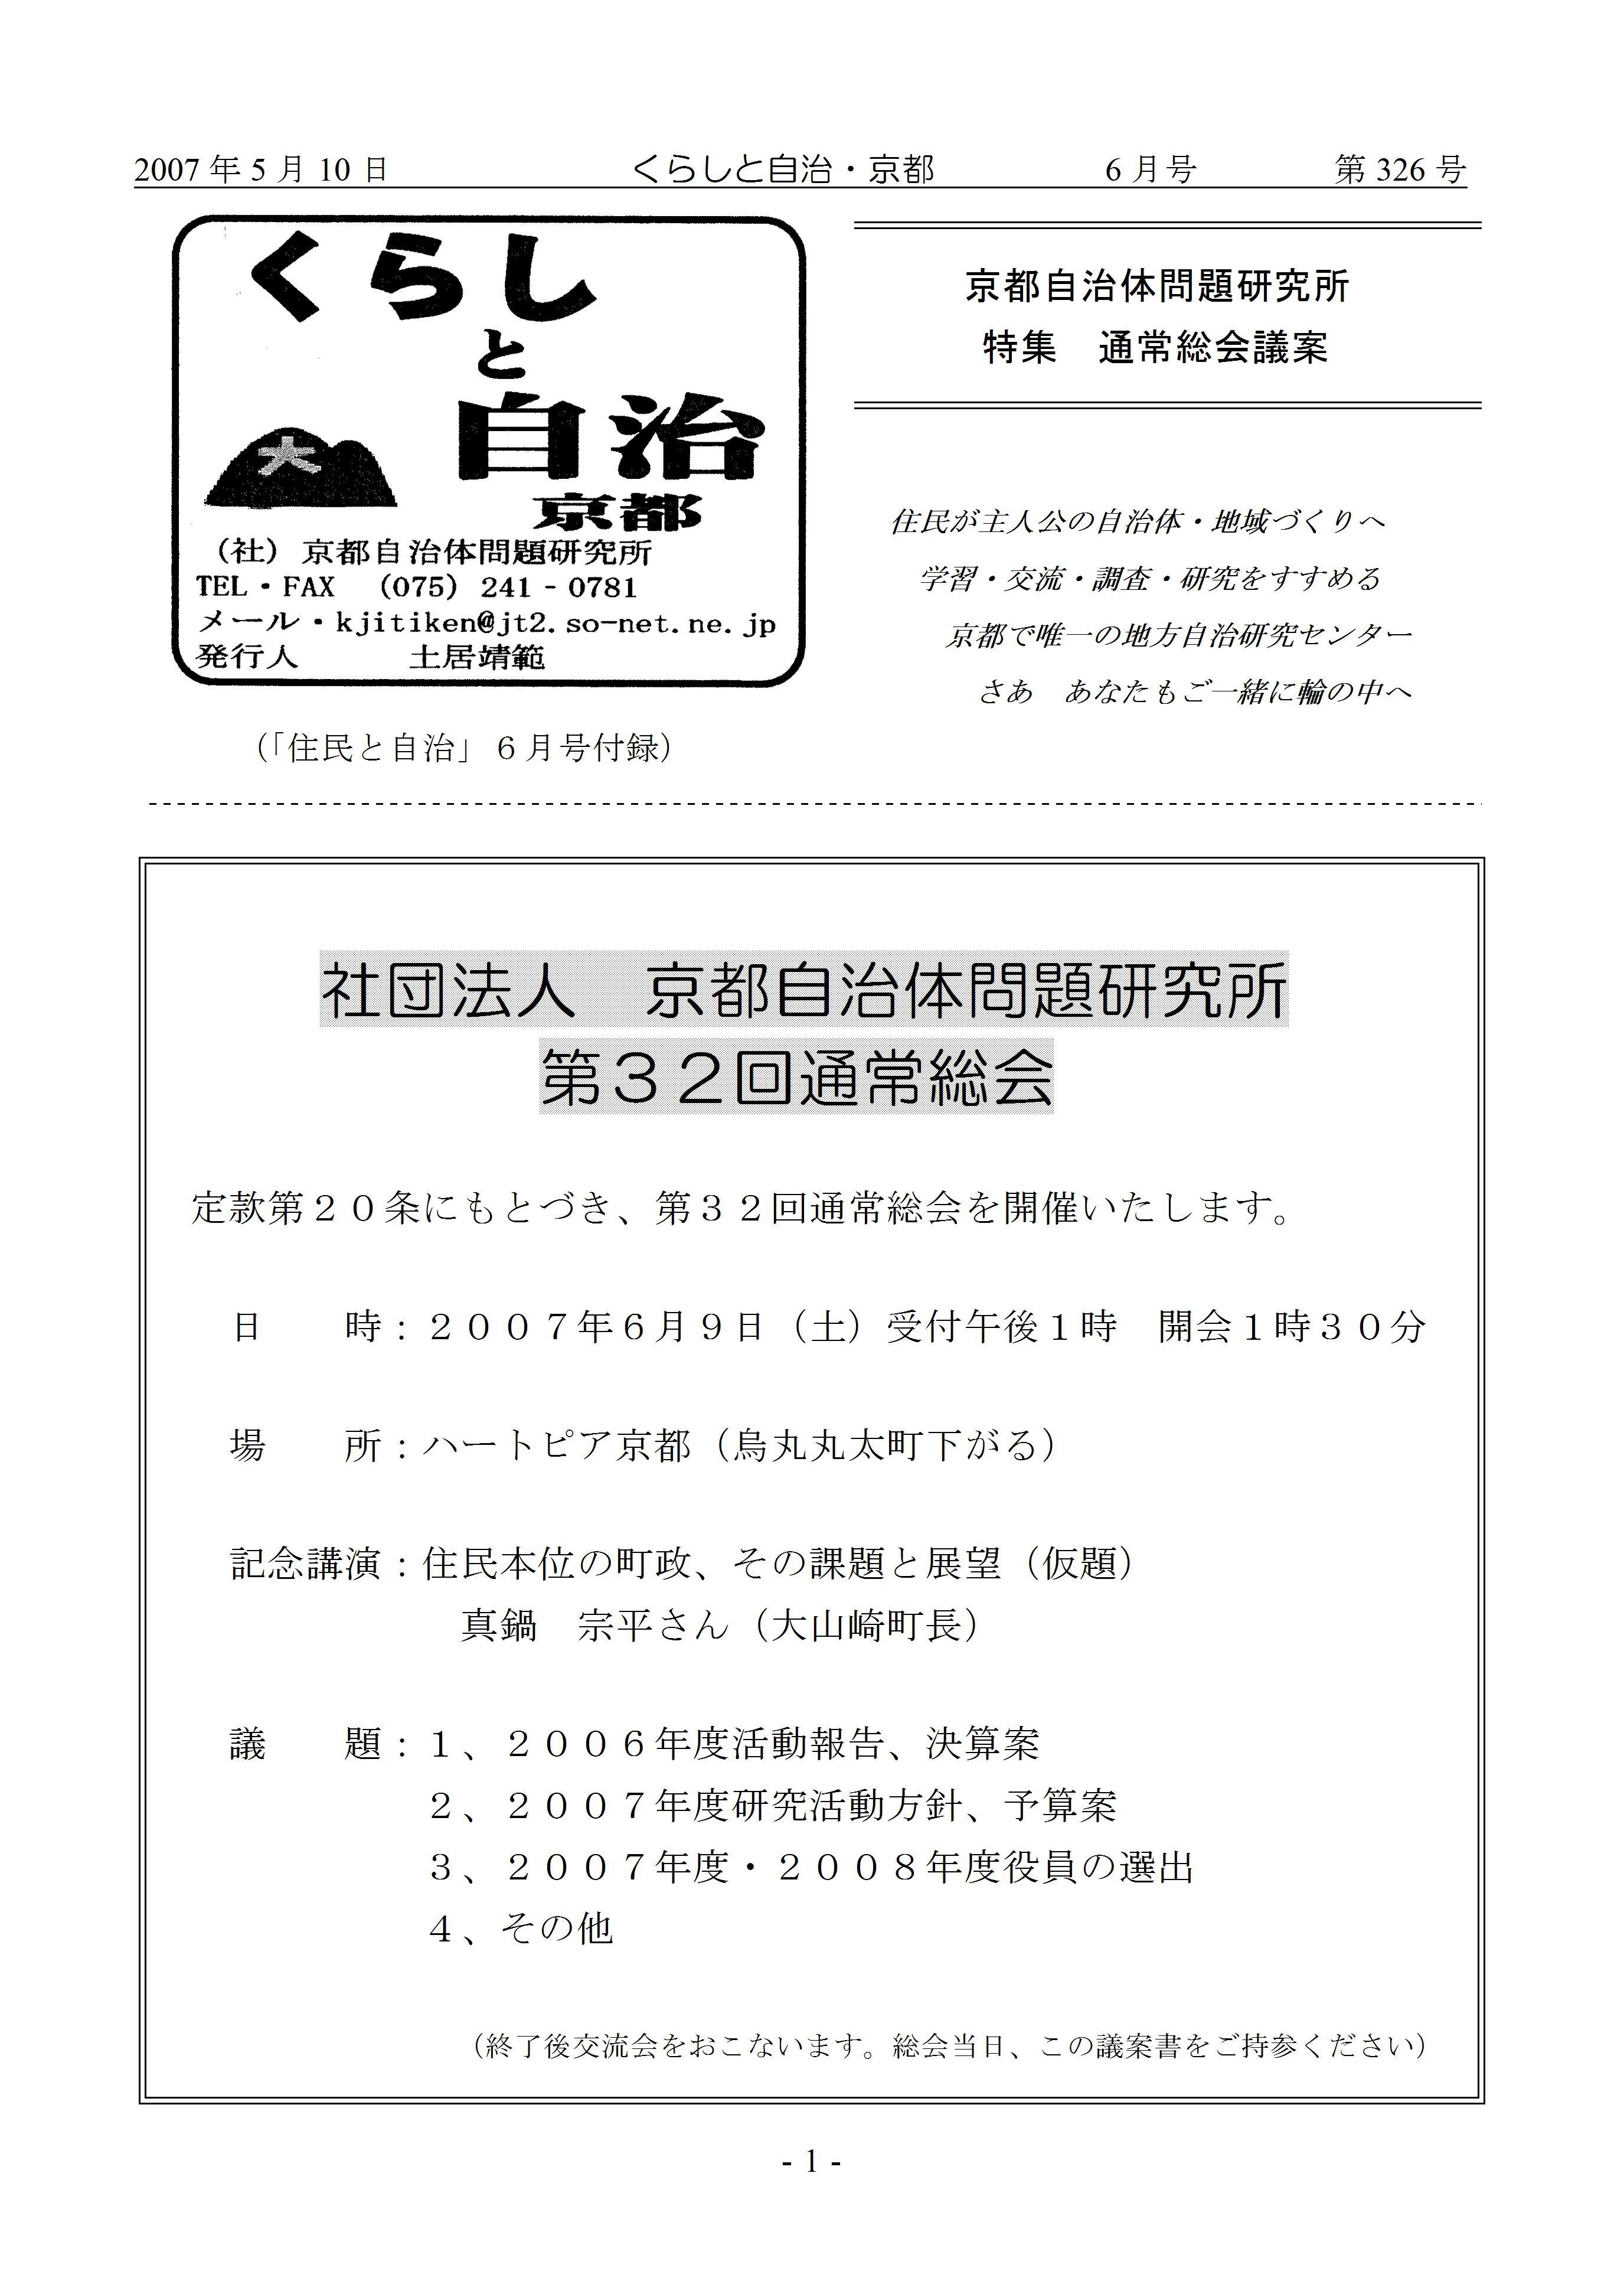 月報「くらしと自治・京都」2007年06月号 第326号